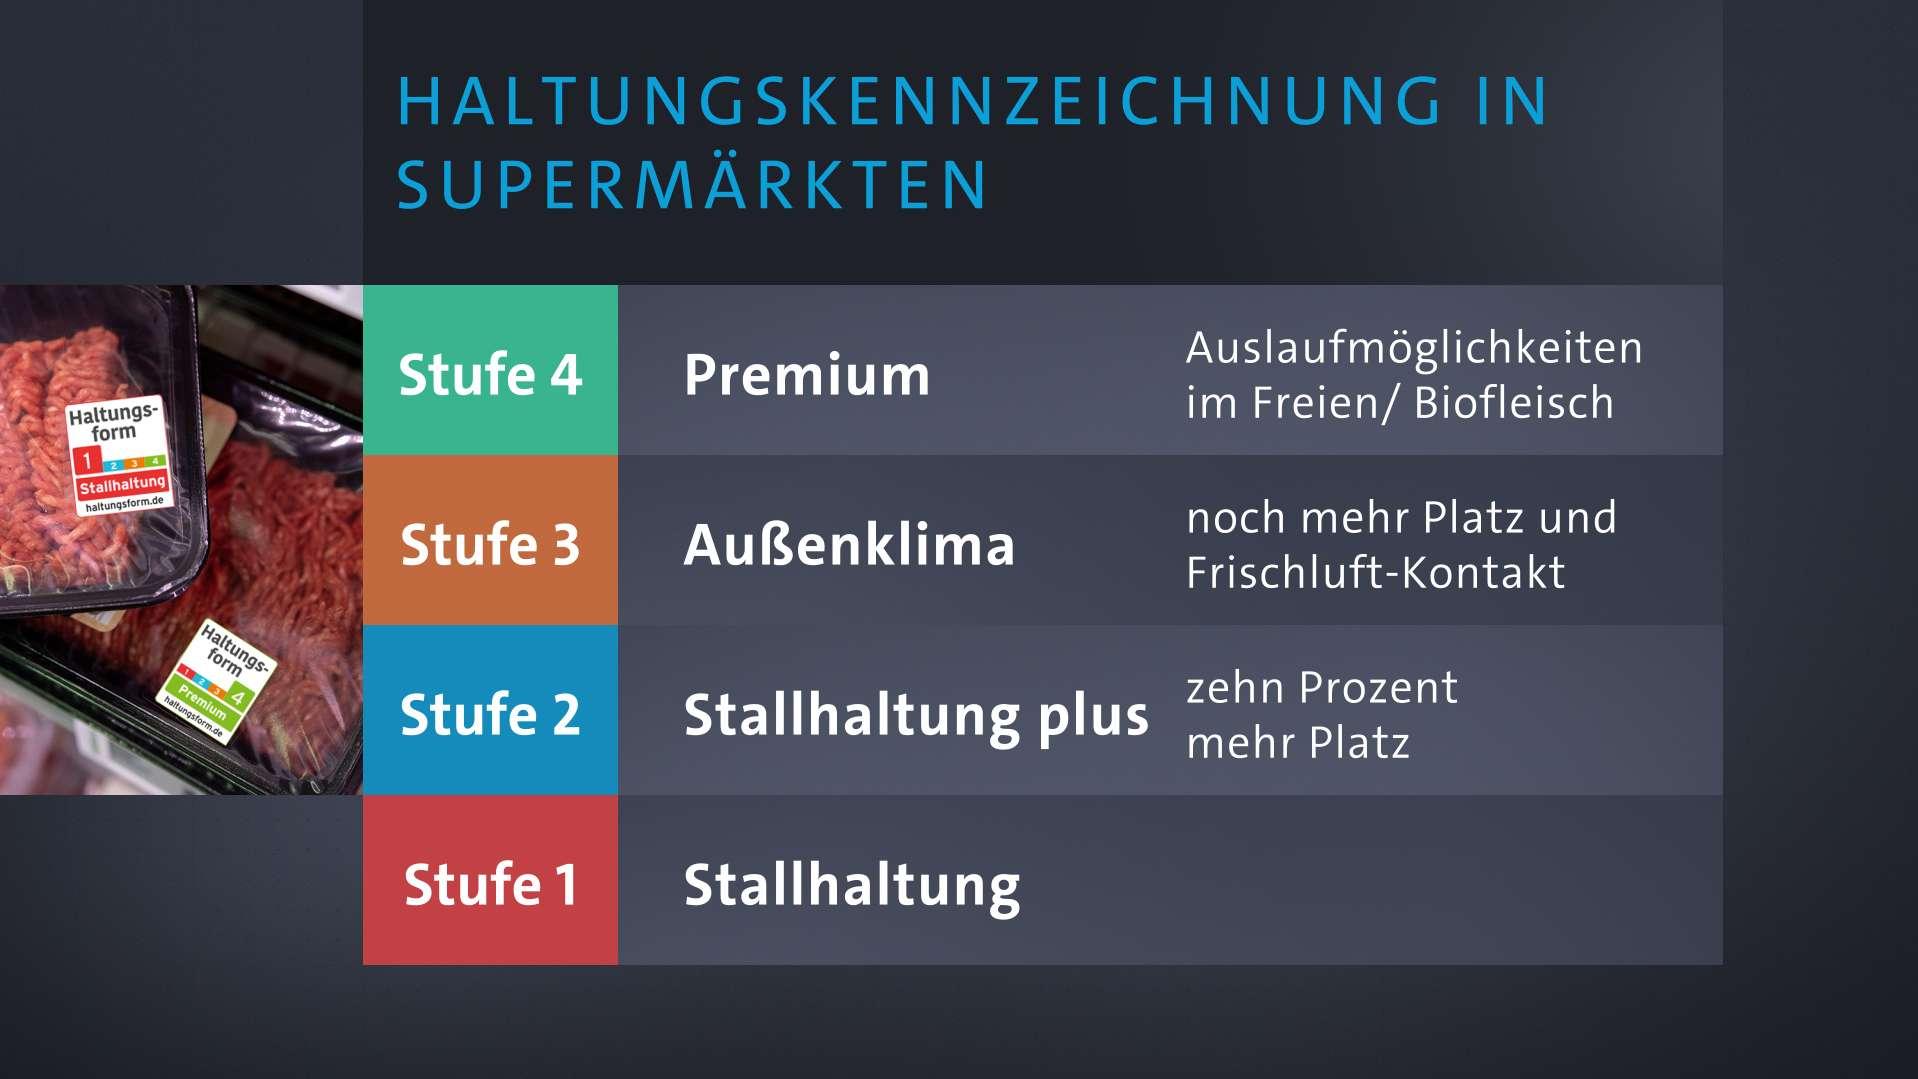 Das Vierstufensystem der Haltungskennzeichnung.